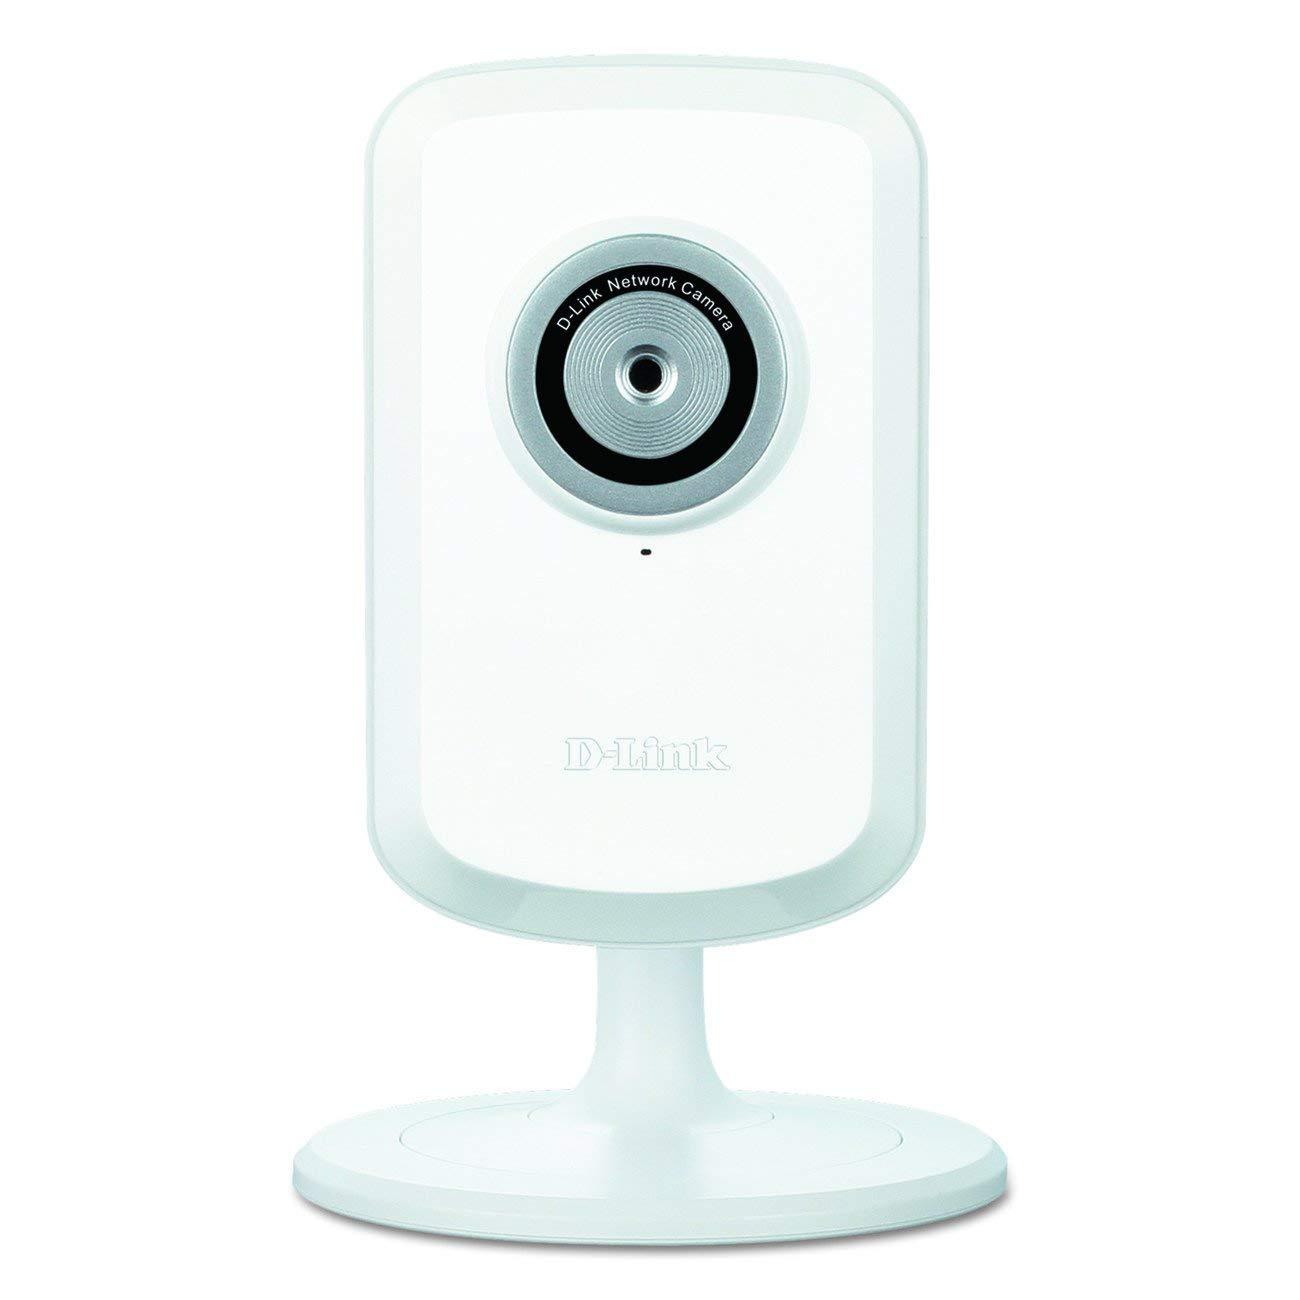 d link camera